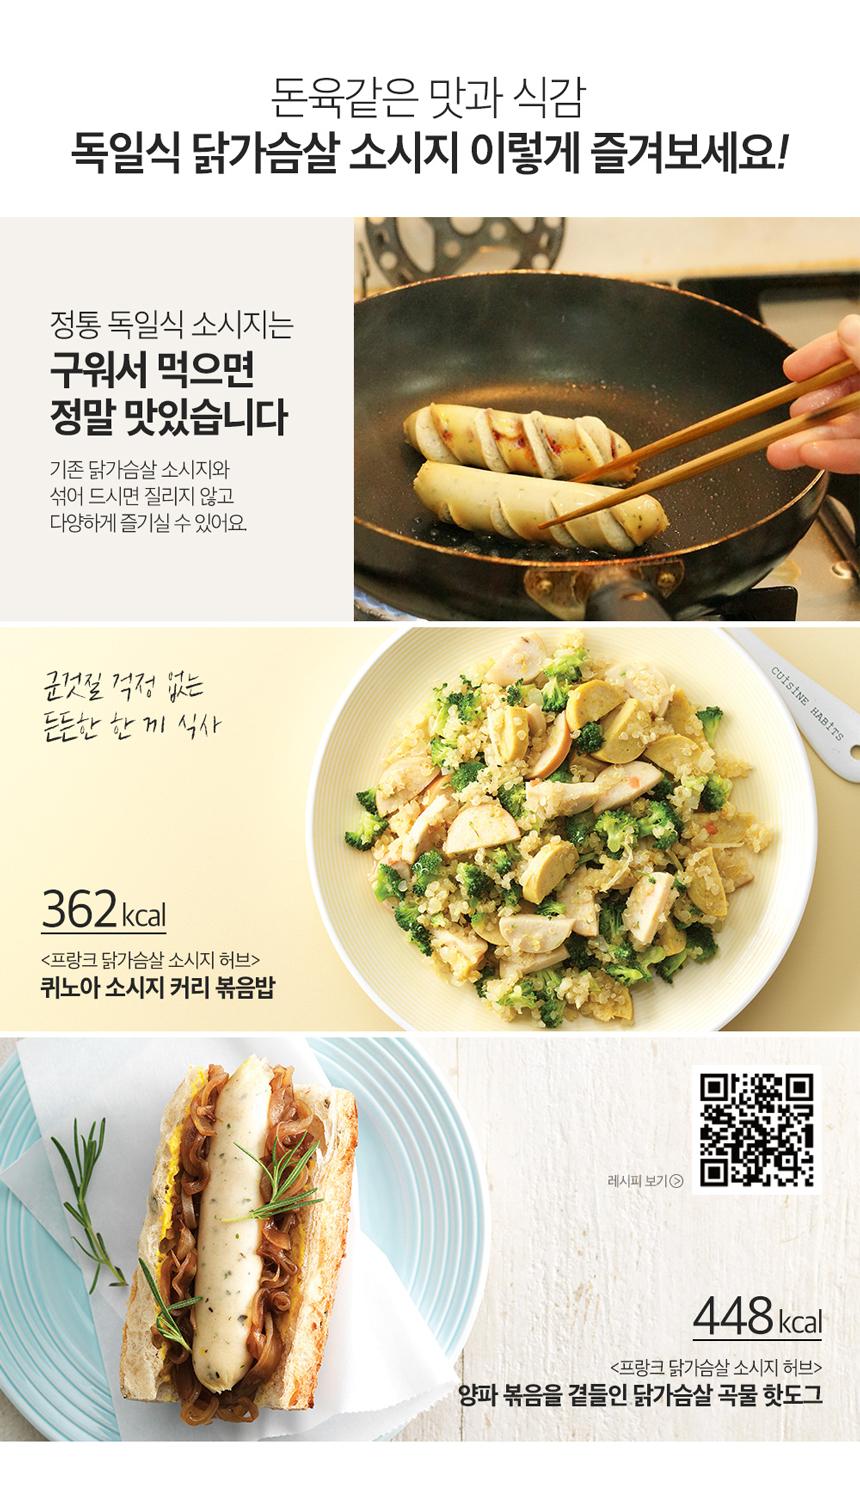 08_02_04_recipe_ssg_hub.jpg